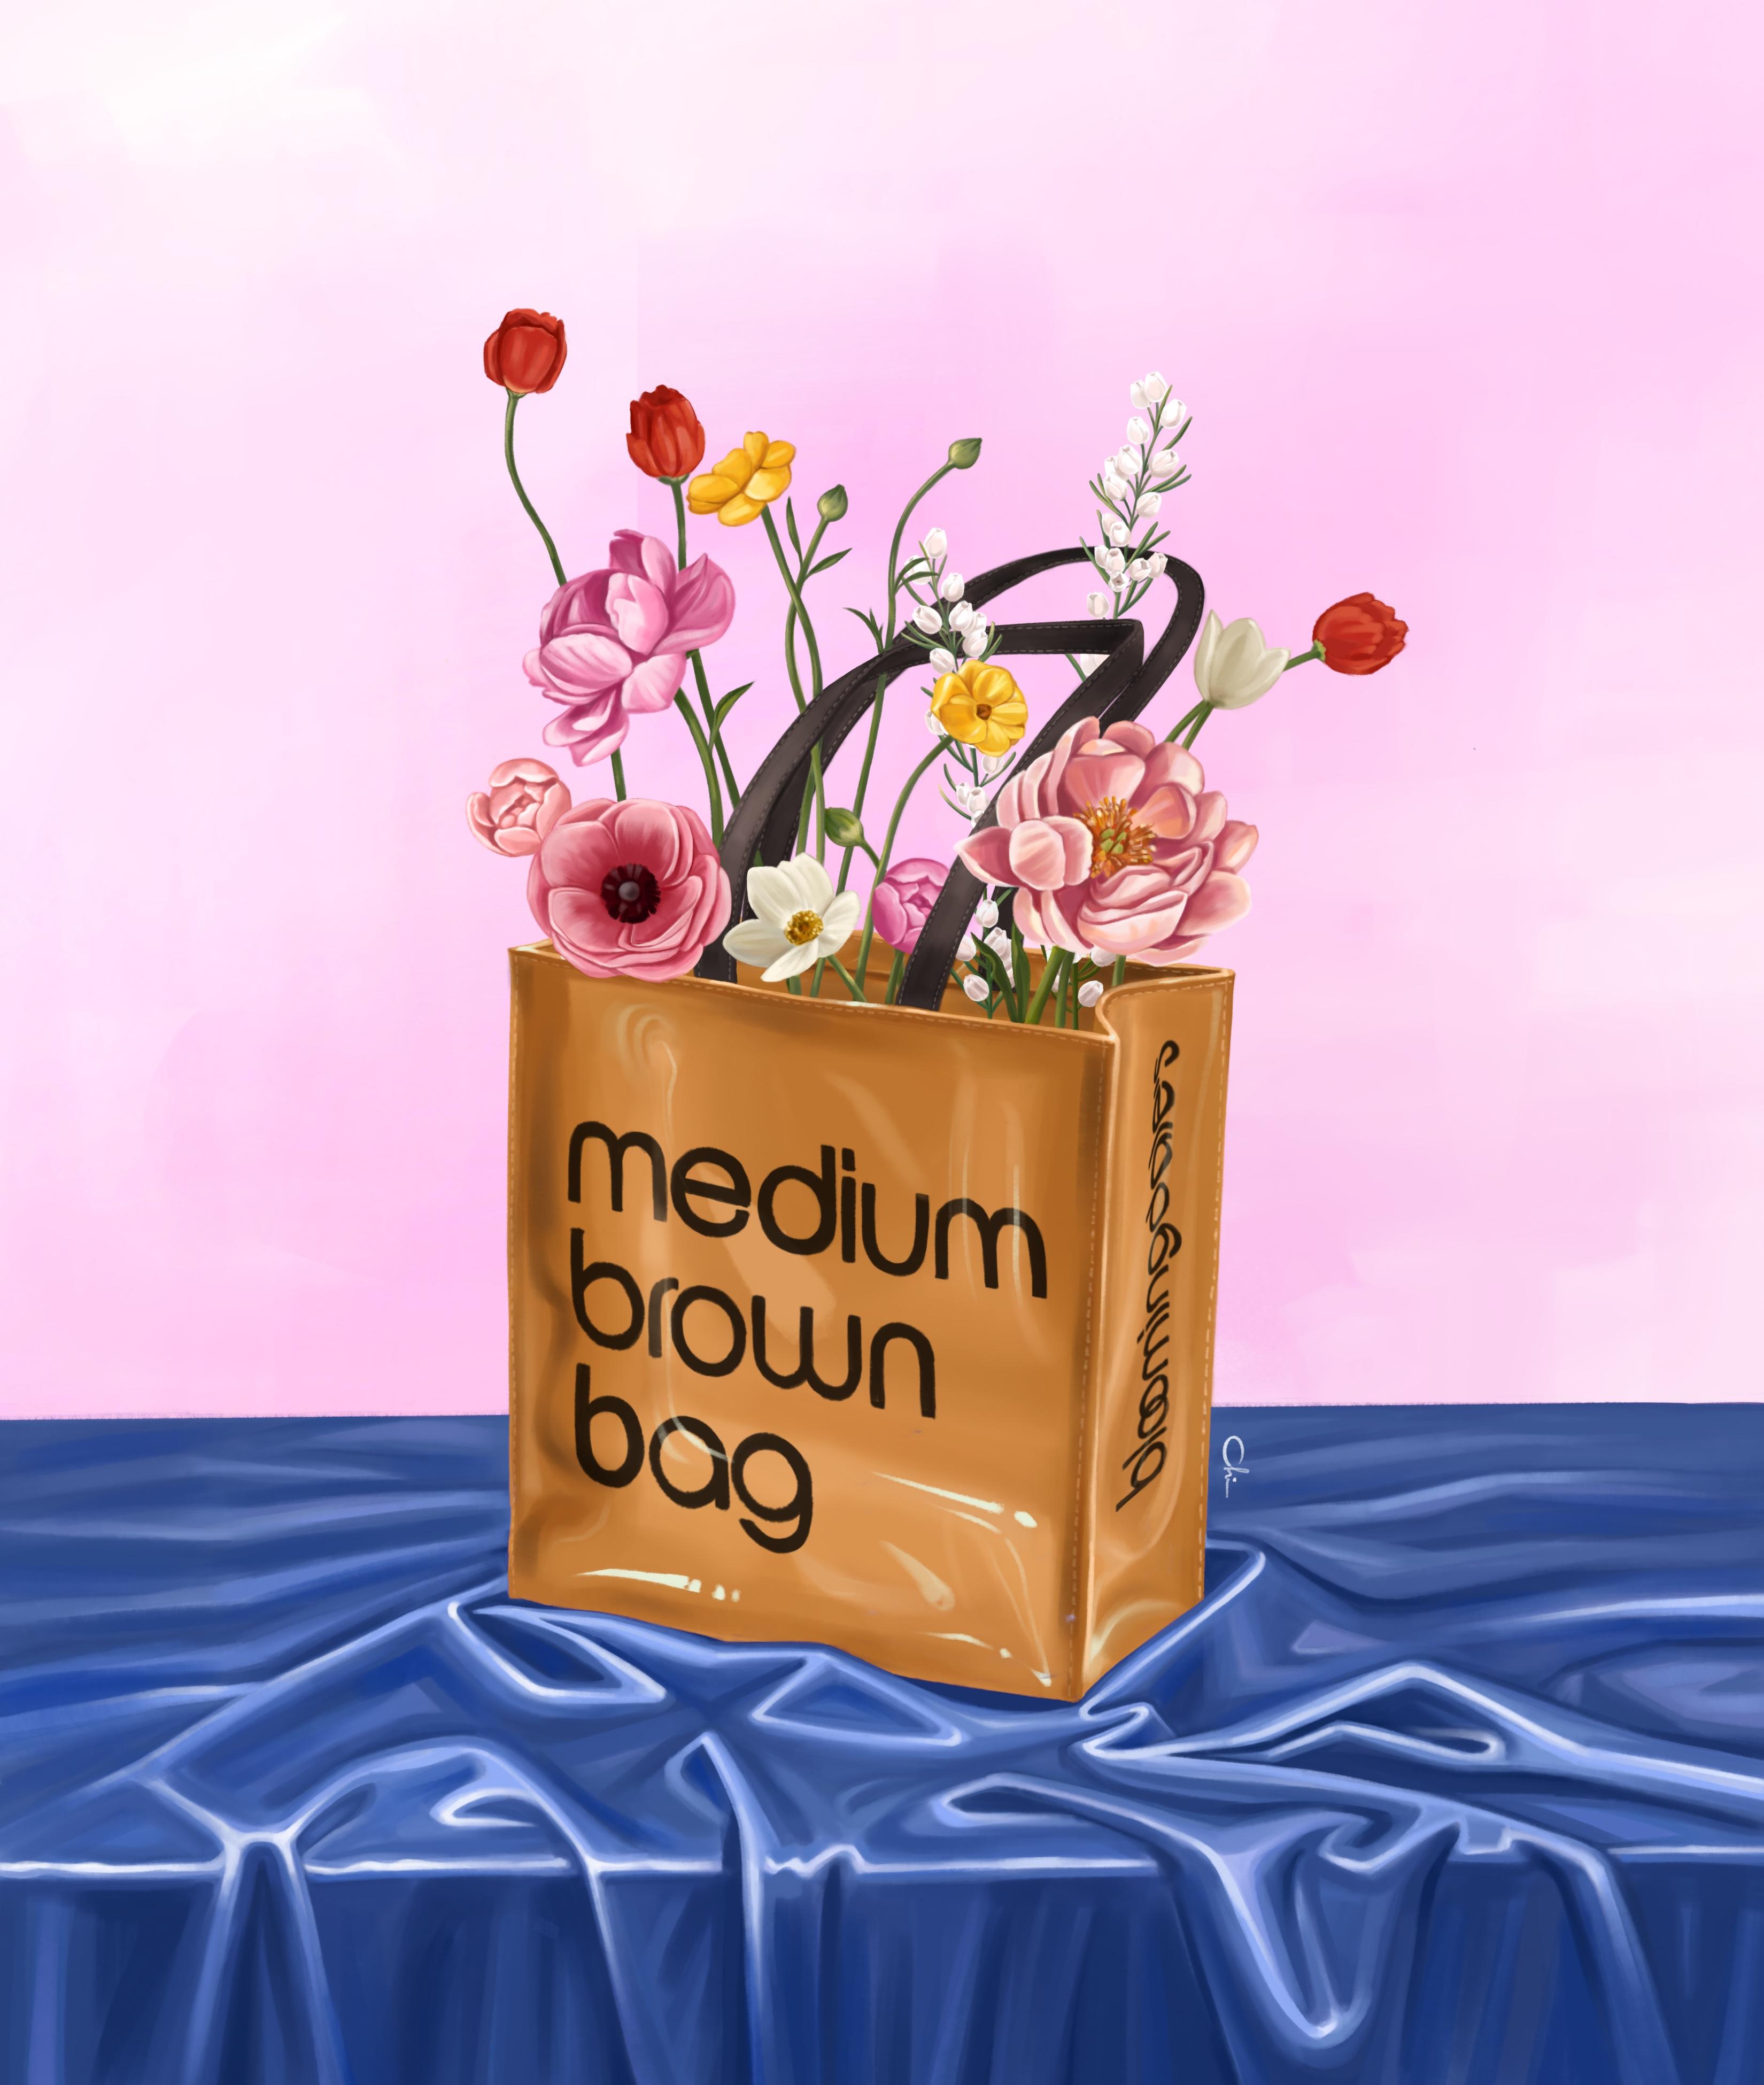 Blooming Bloomingdale's